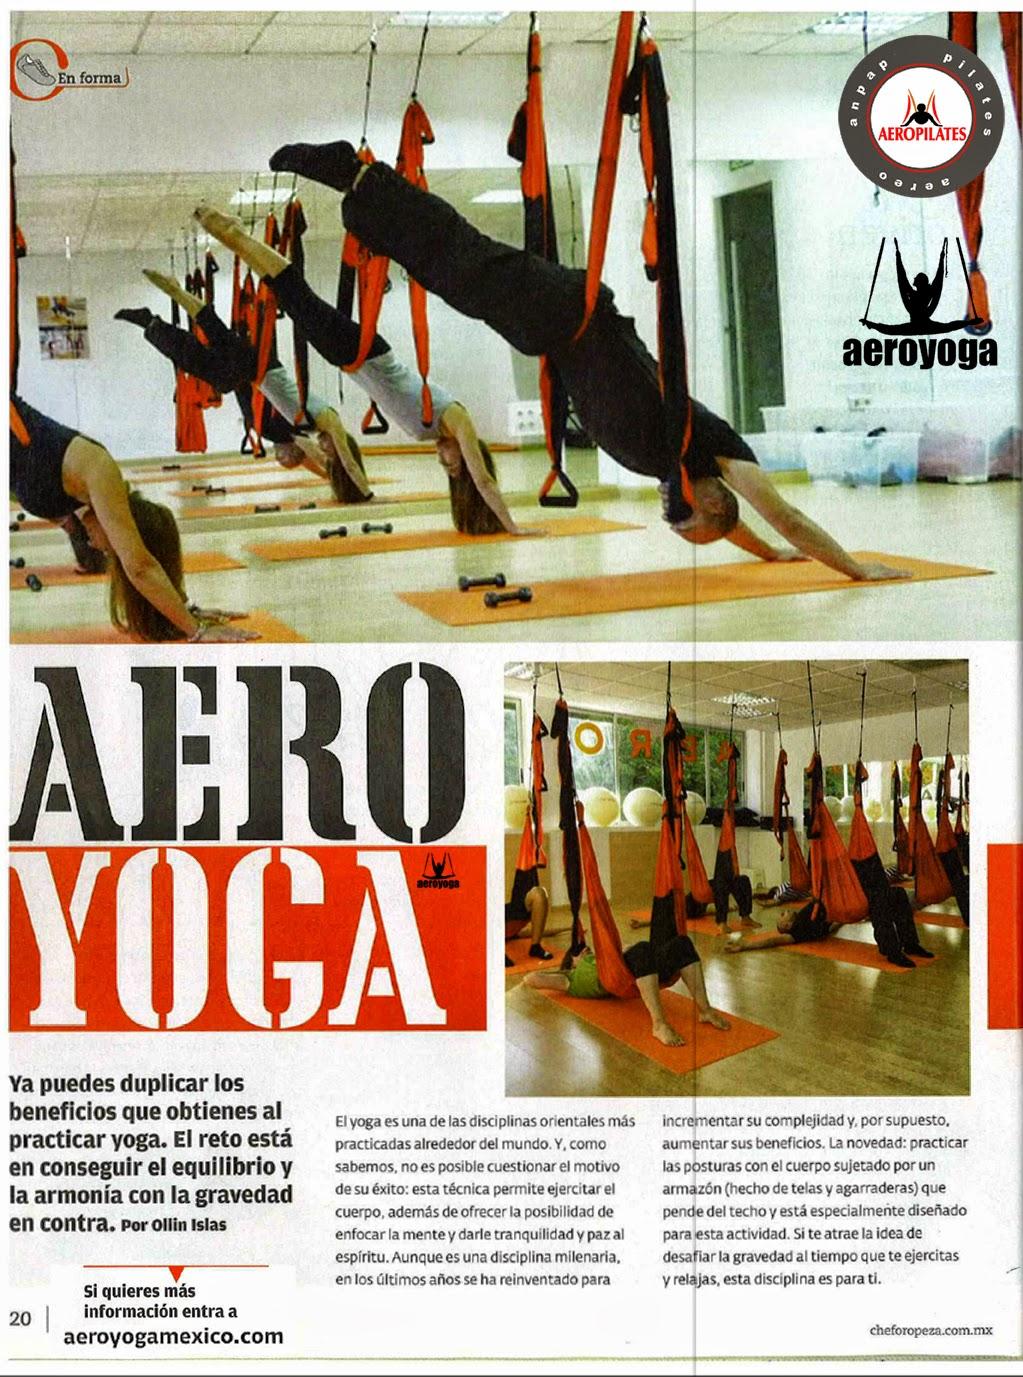 AEROYOGA® EN COLUMPIO AERO YOGA AEREO PRENSA Y TV, TENDENCIAS, REPORTAJES, ARTICULOS